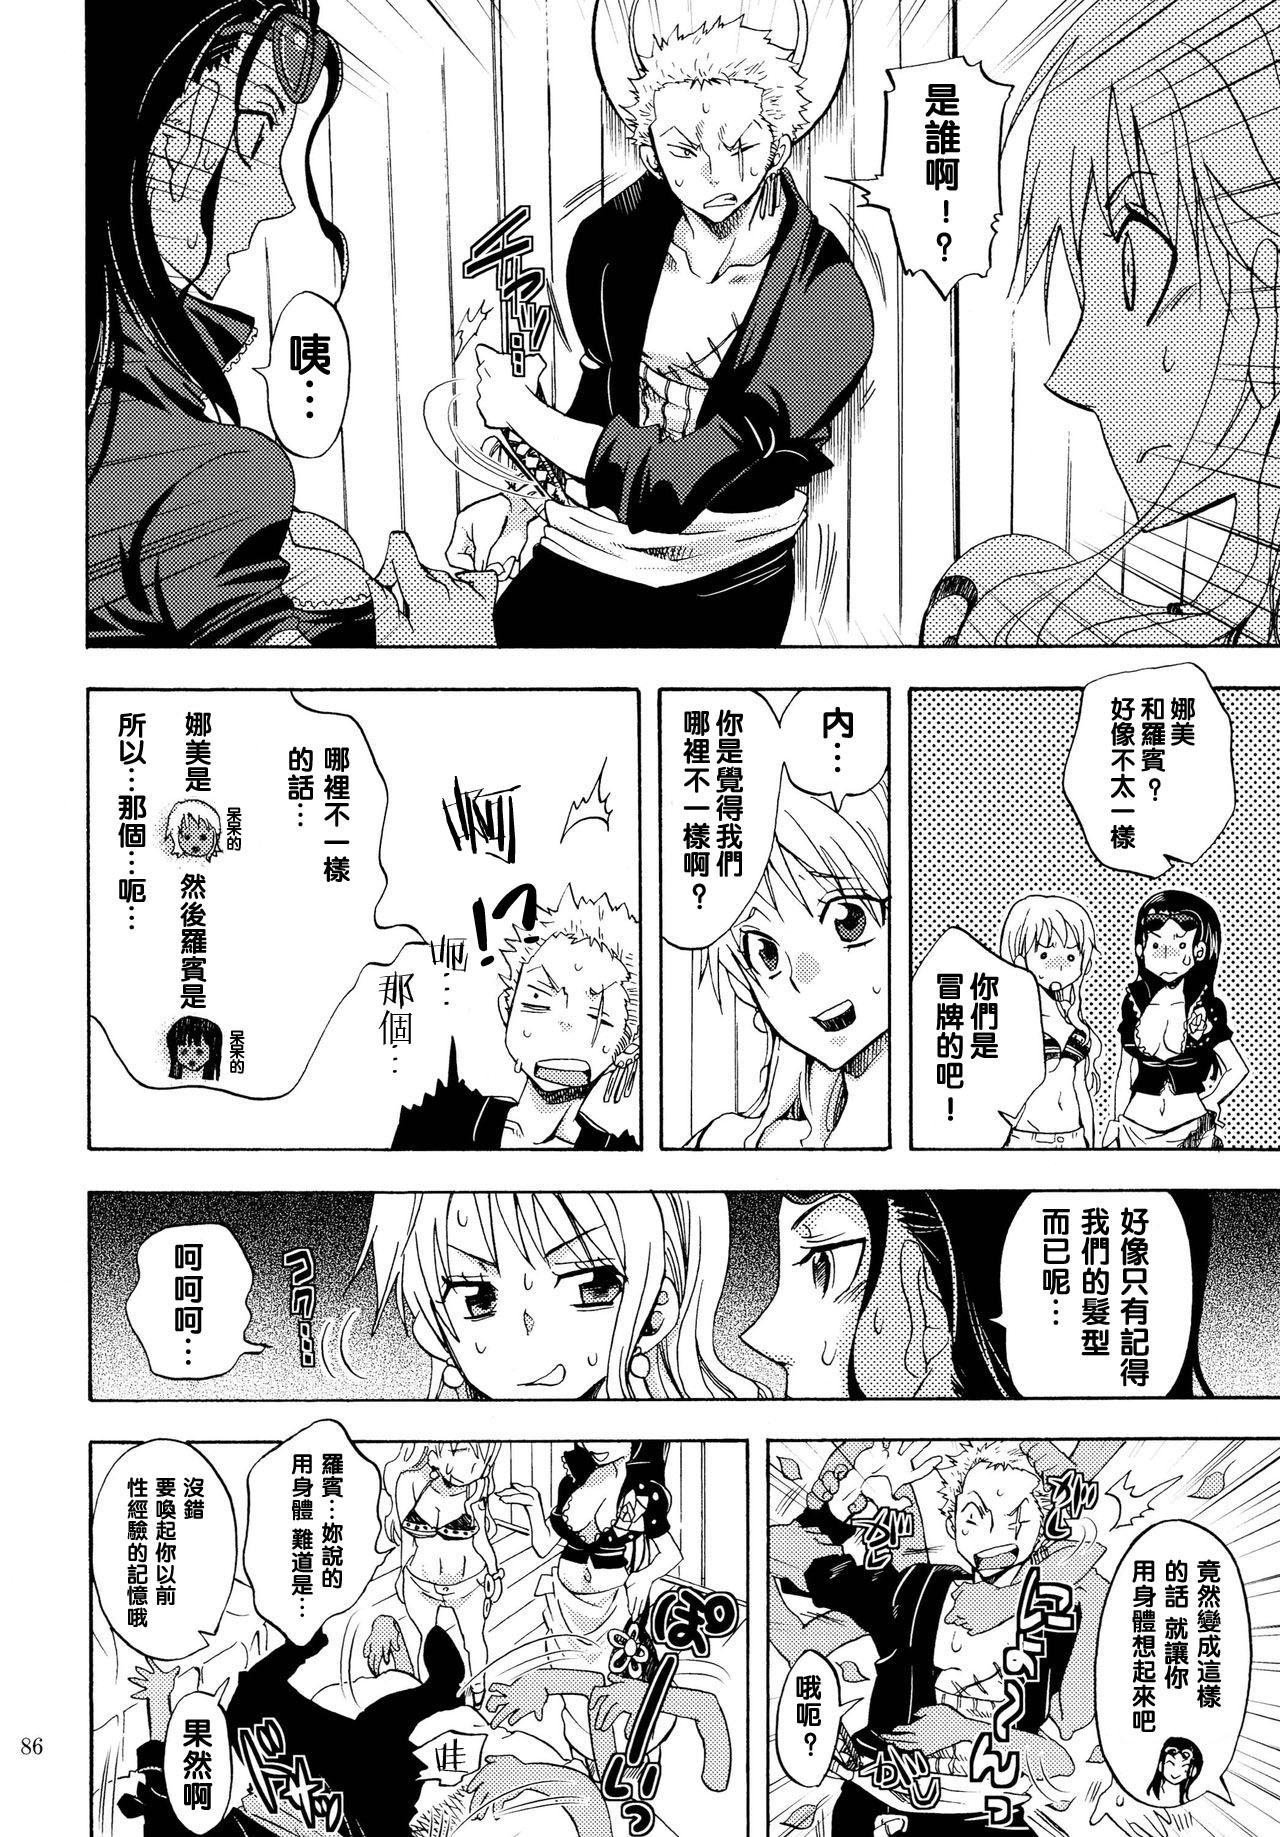 Seichou Shimashita. | You're so grown up! 6